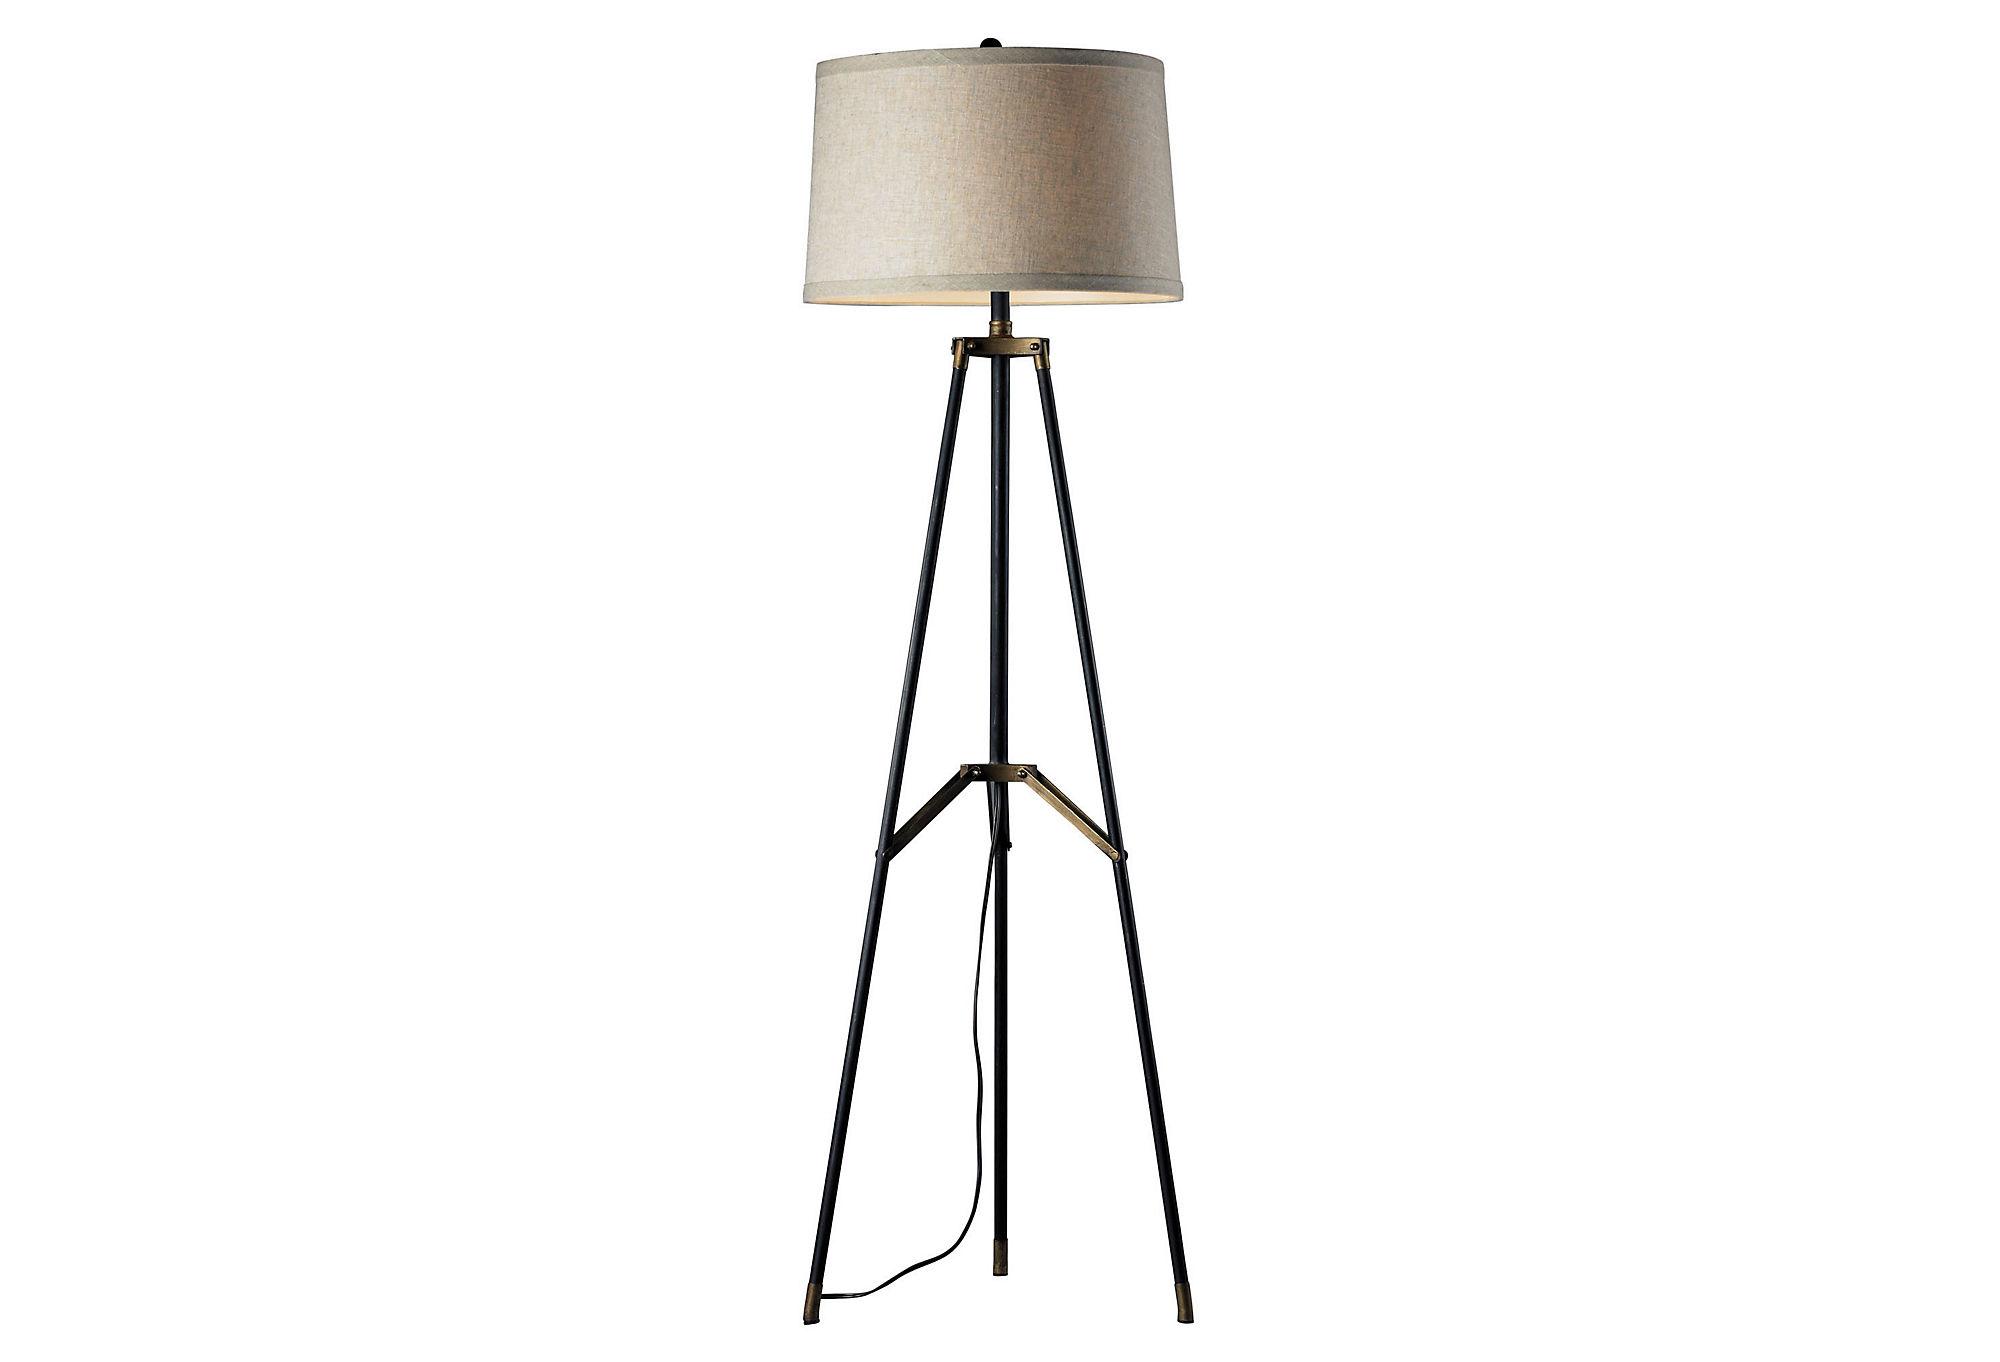 pass Floor Lamp by Dot & Bo